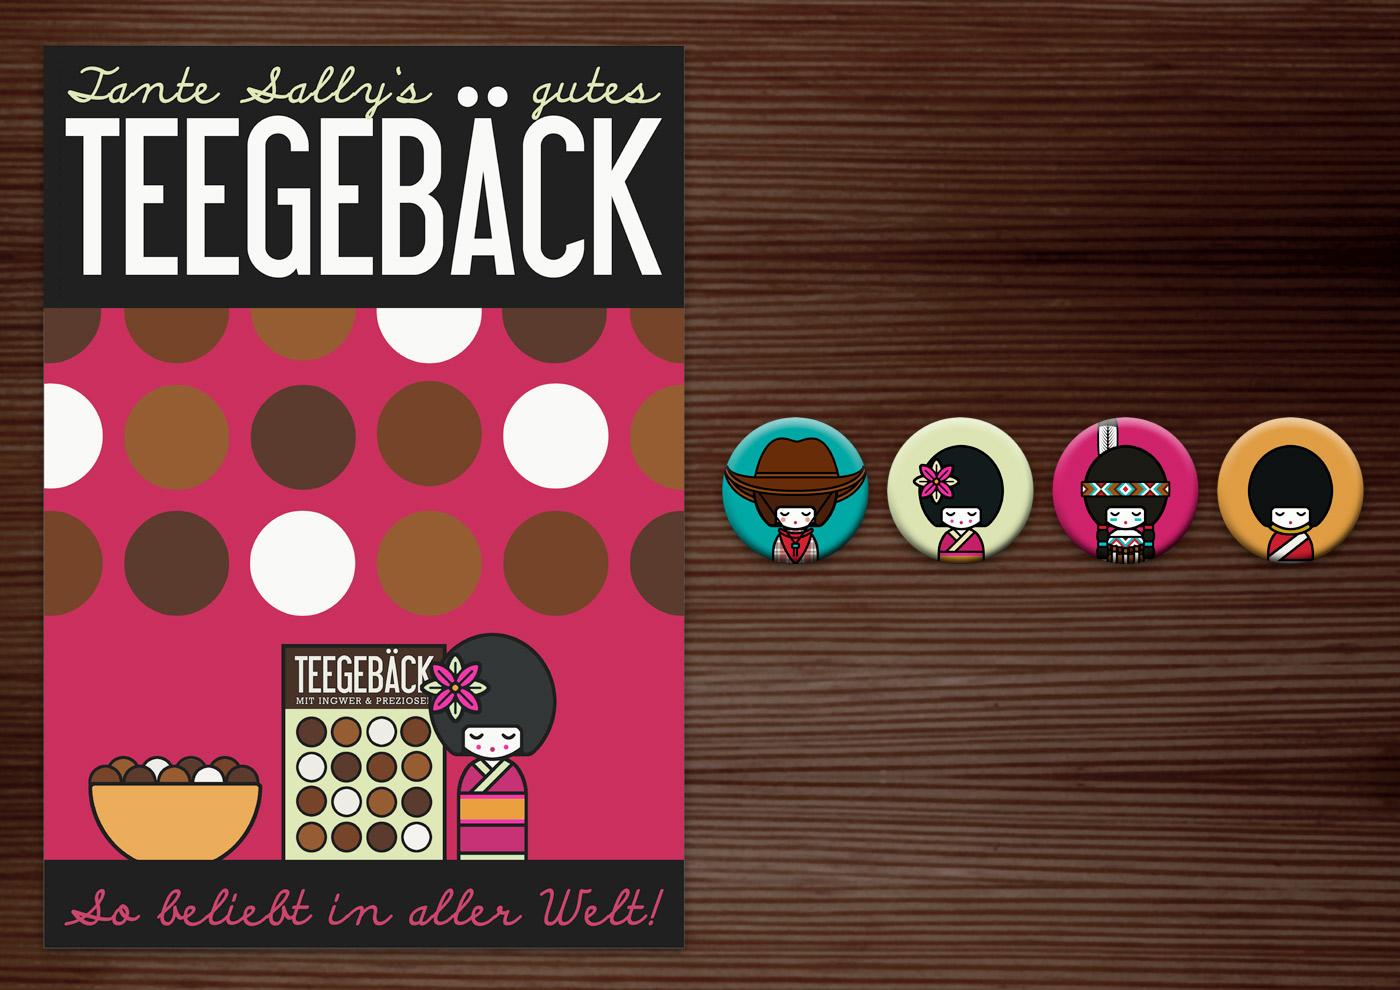 Corporate Identity, Logo und Grafik Design für Werbung, Poster, Verpackung und Buttons mit Püppchen für Lily Lux Teegebäck